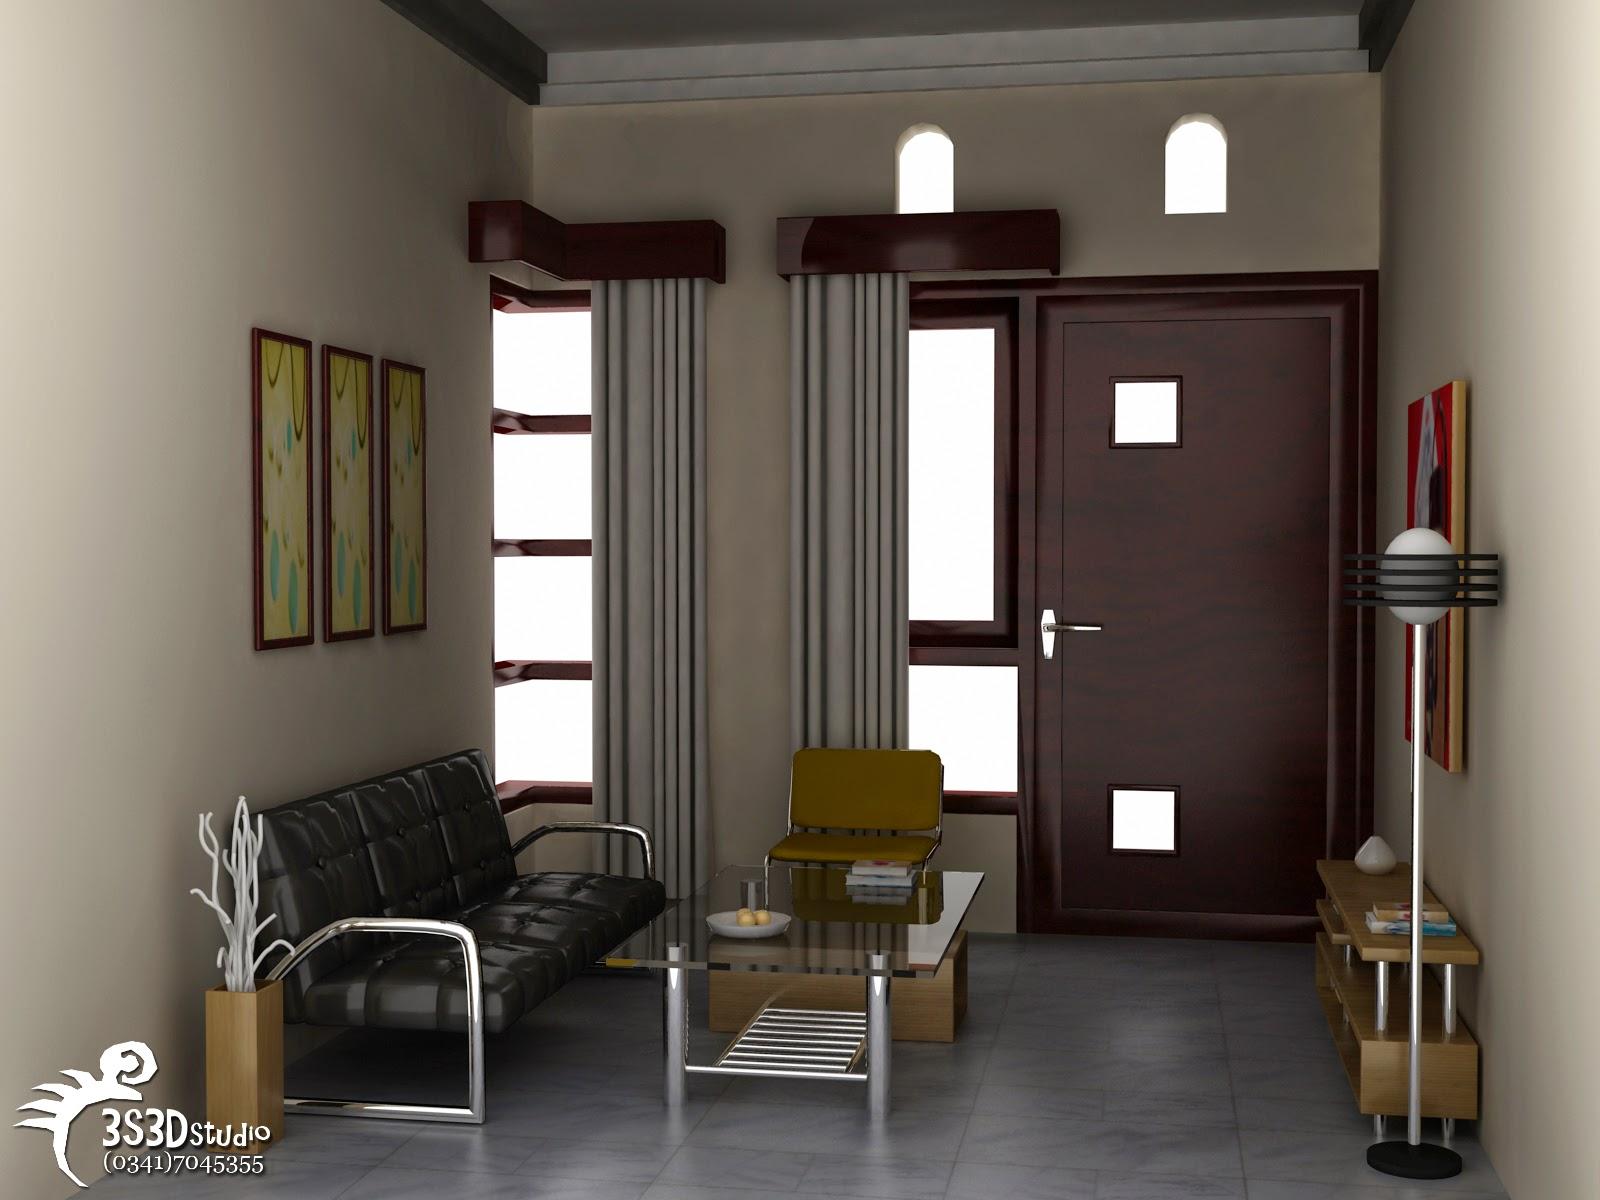 Contoh Desain Ruang Tamu Sederhana Minimalis 8 Desain Interior